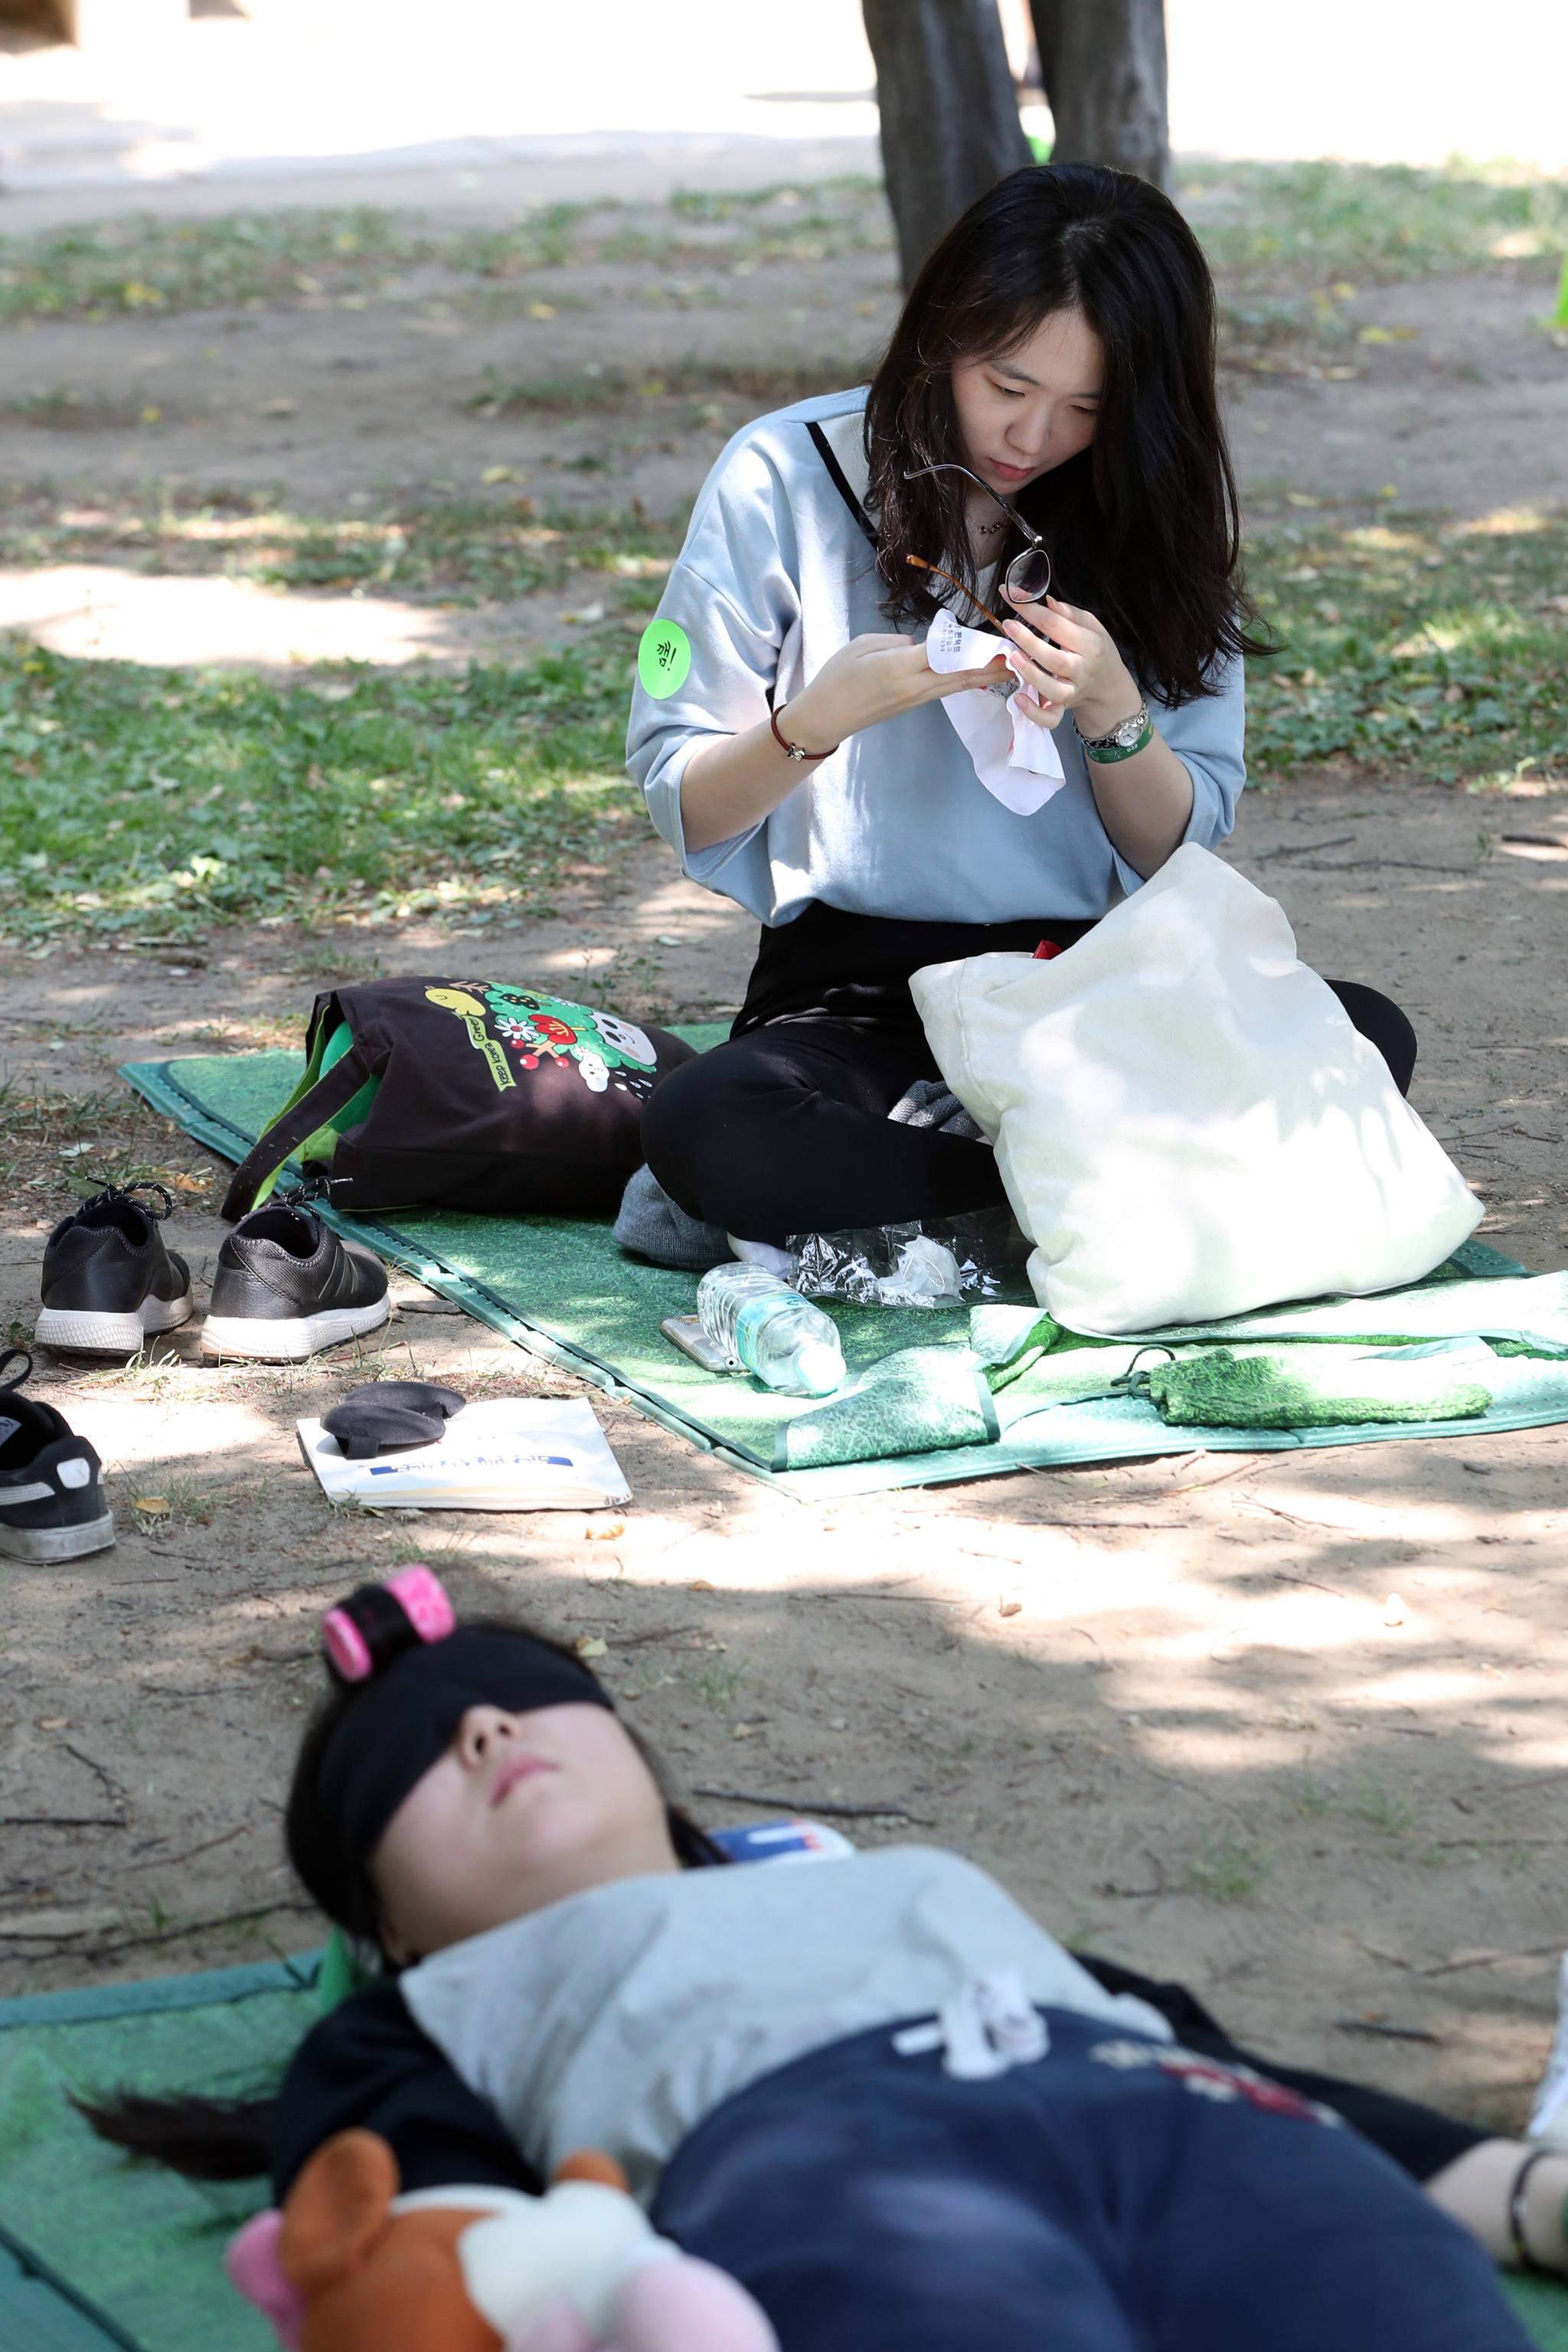 한 참가자가 도중에 잠이 꺴다. 대회 첫번째 탈락자다.